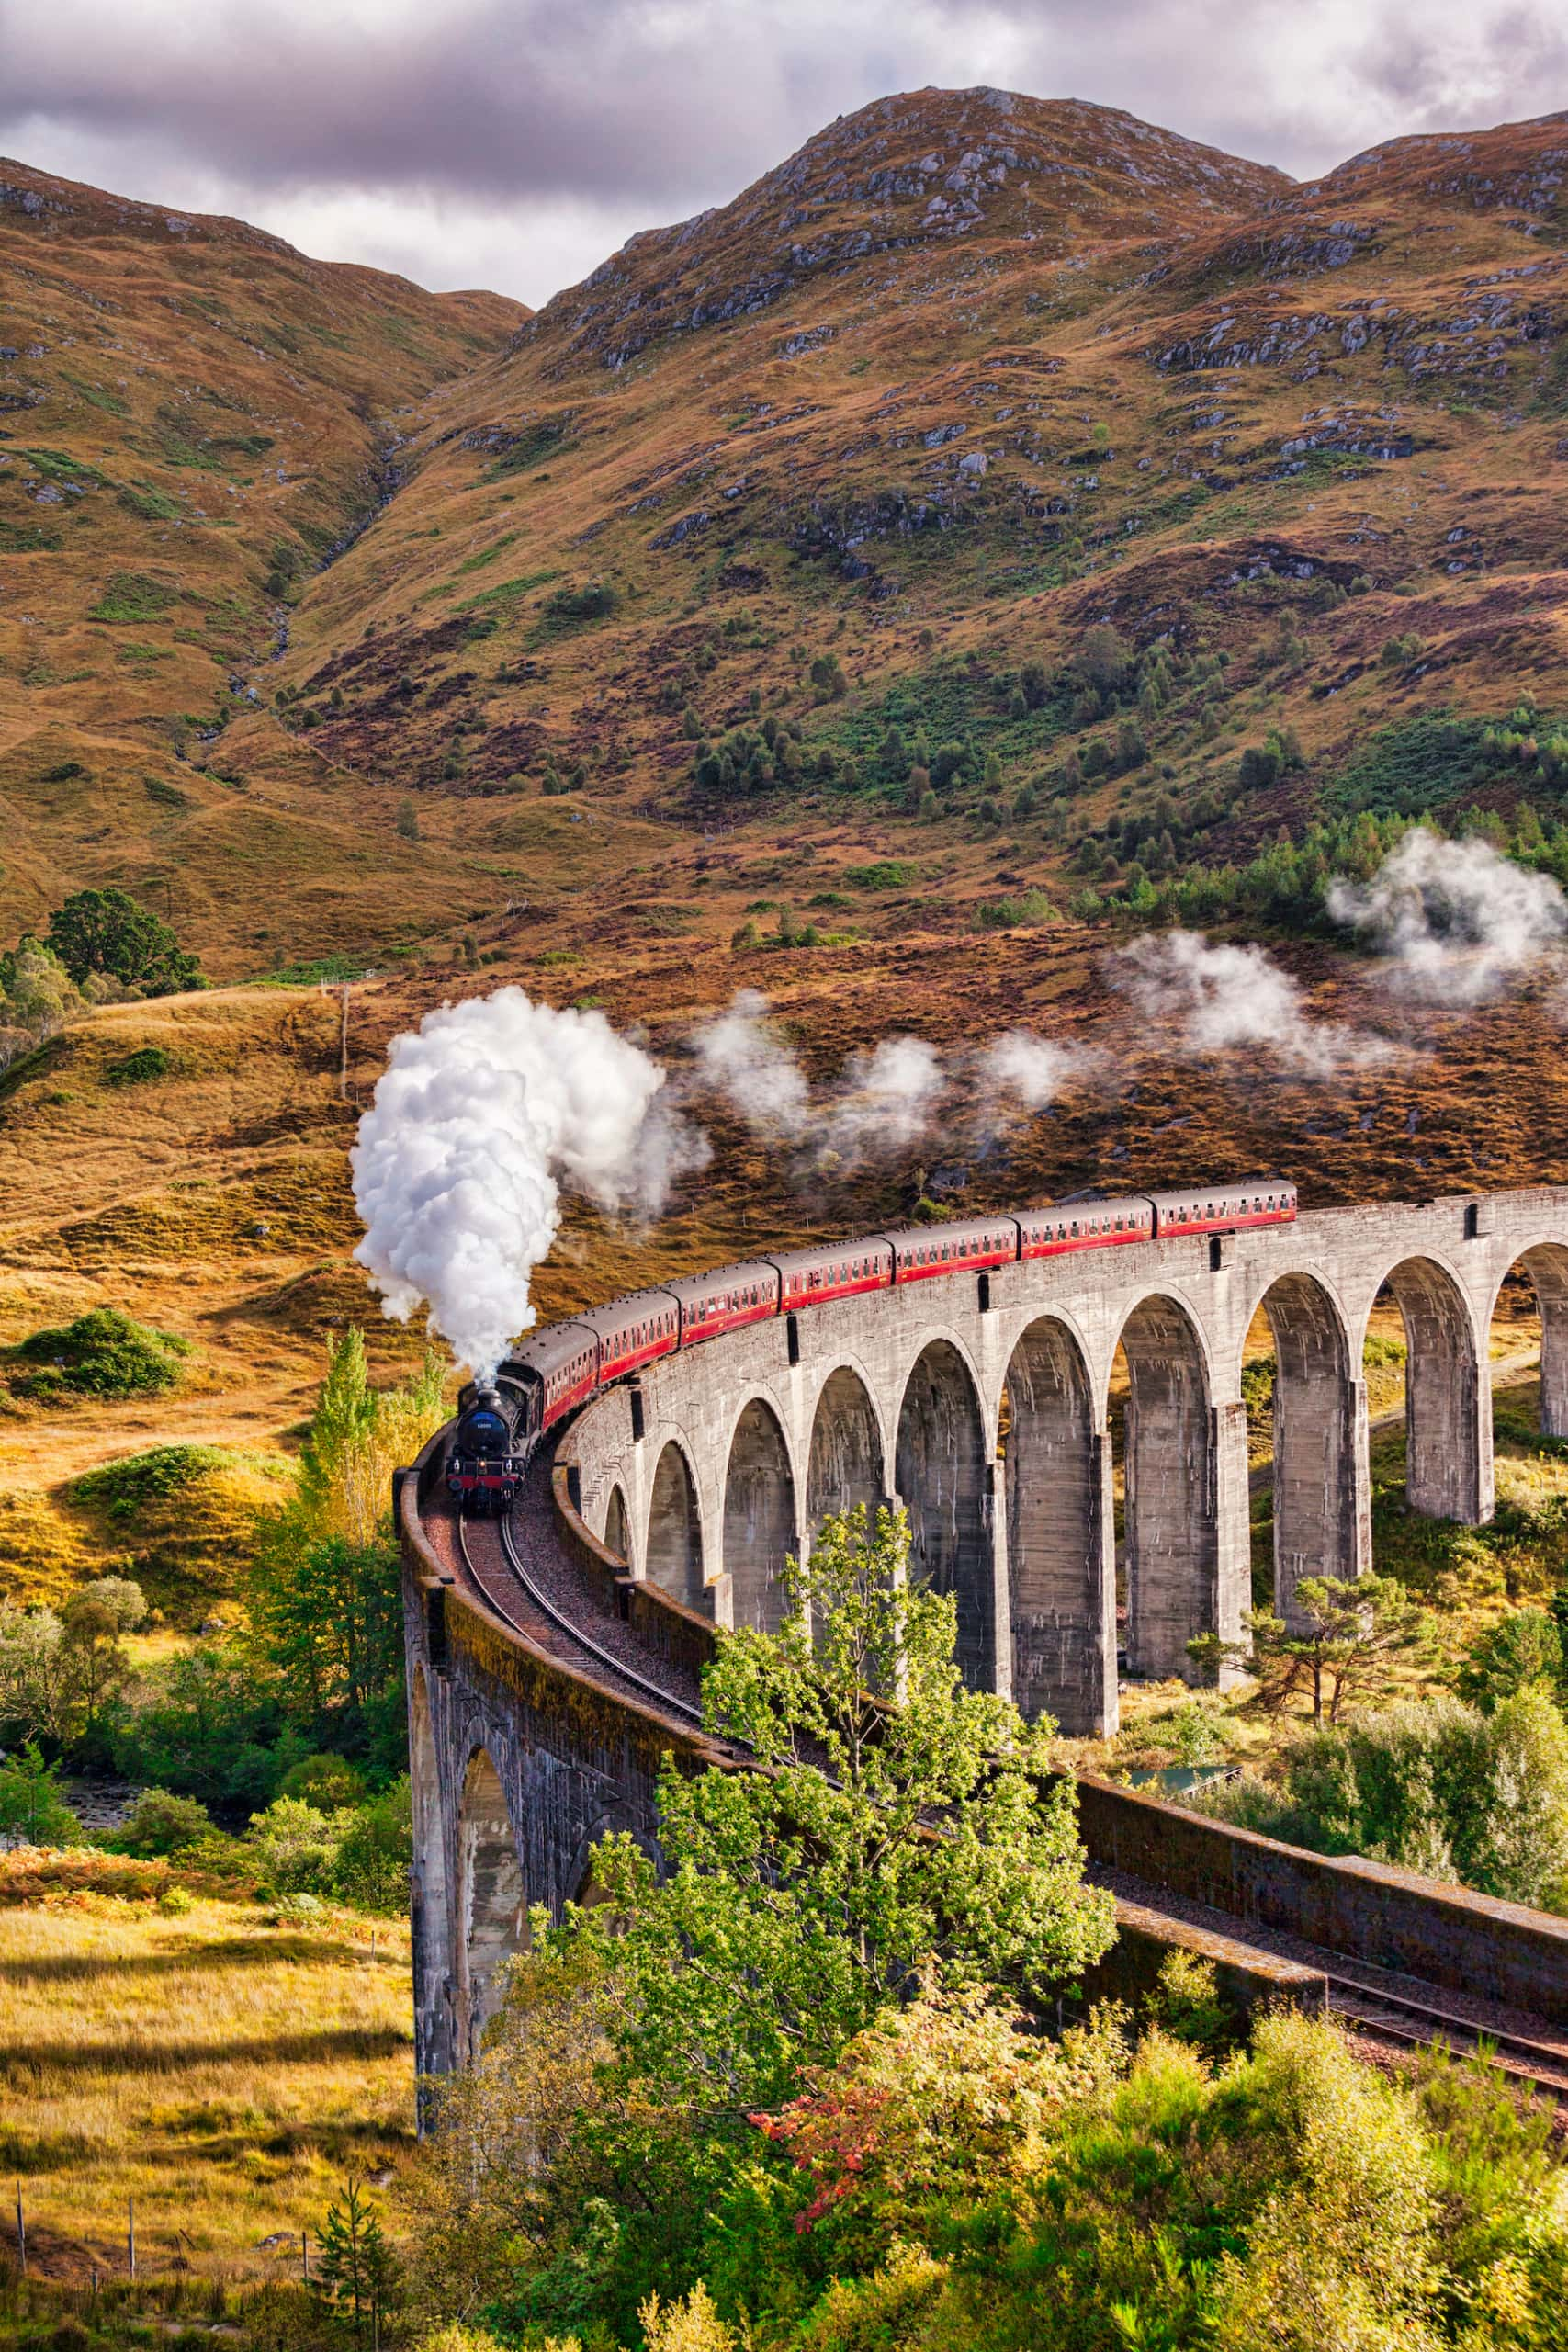 Die Zugstrecke zwischen Fort William und Mallaig in Schottland erinnert an eine Filmkulisse aus Harry Potter